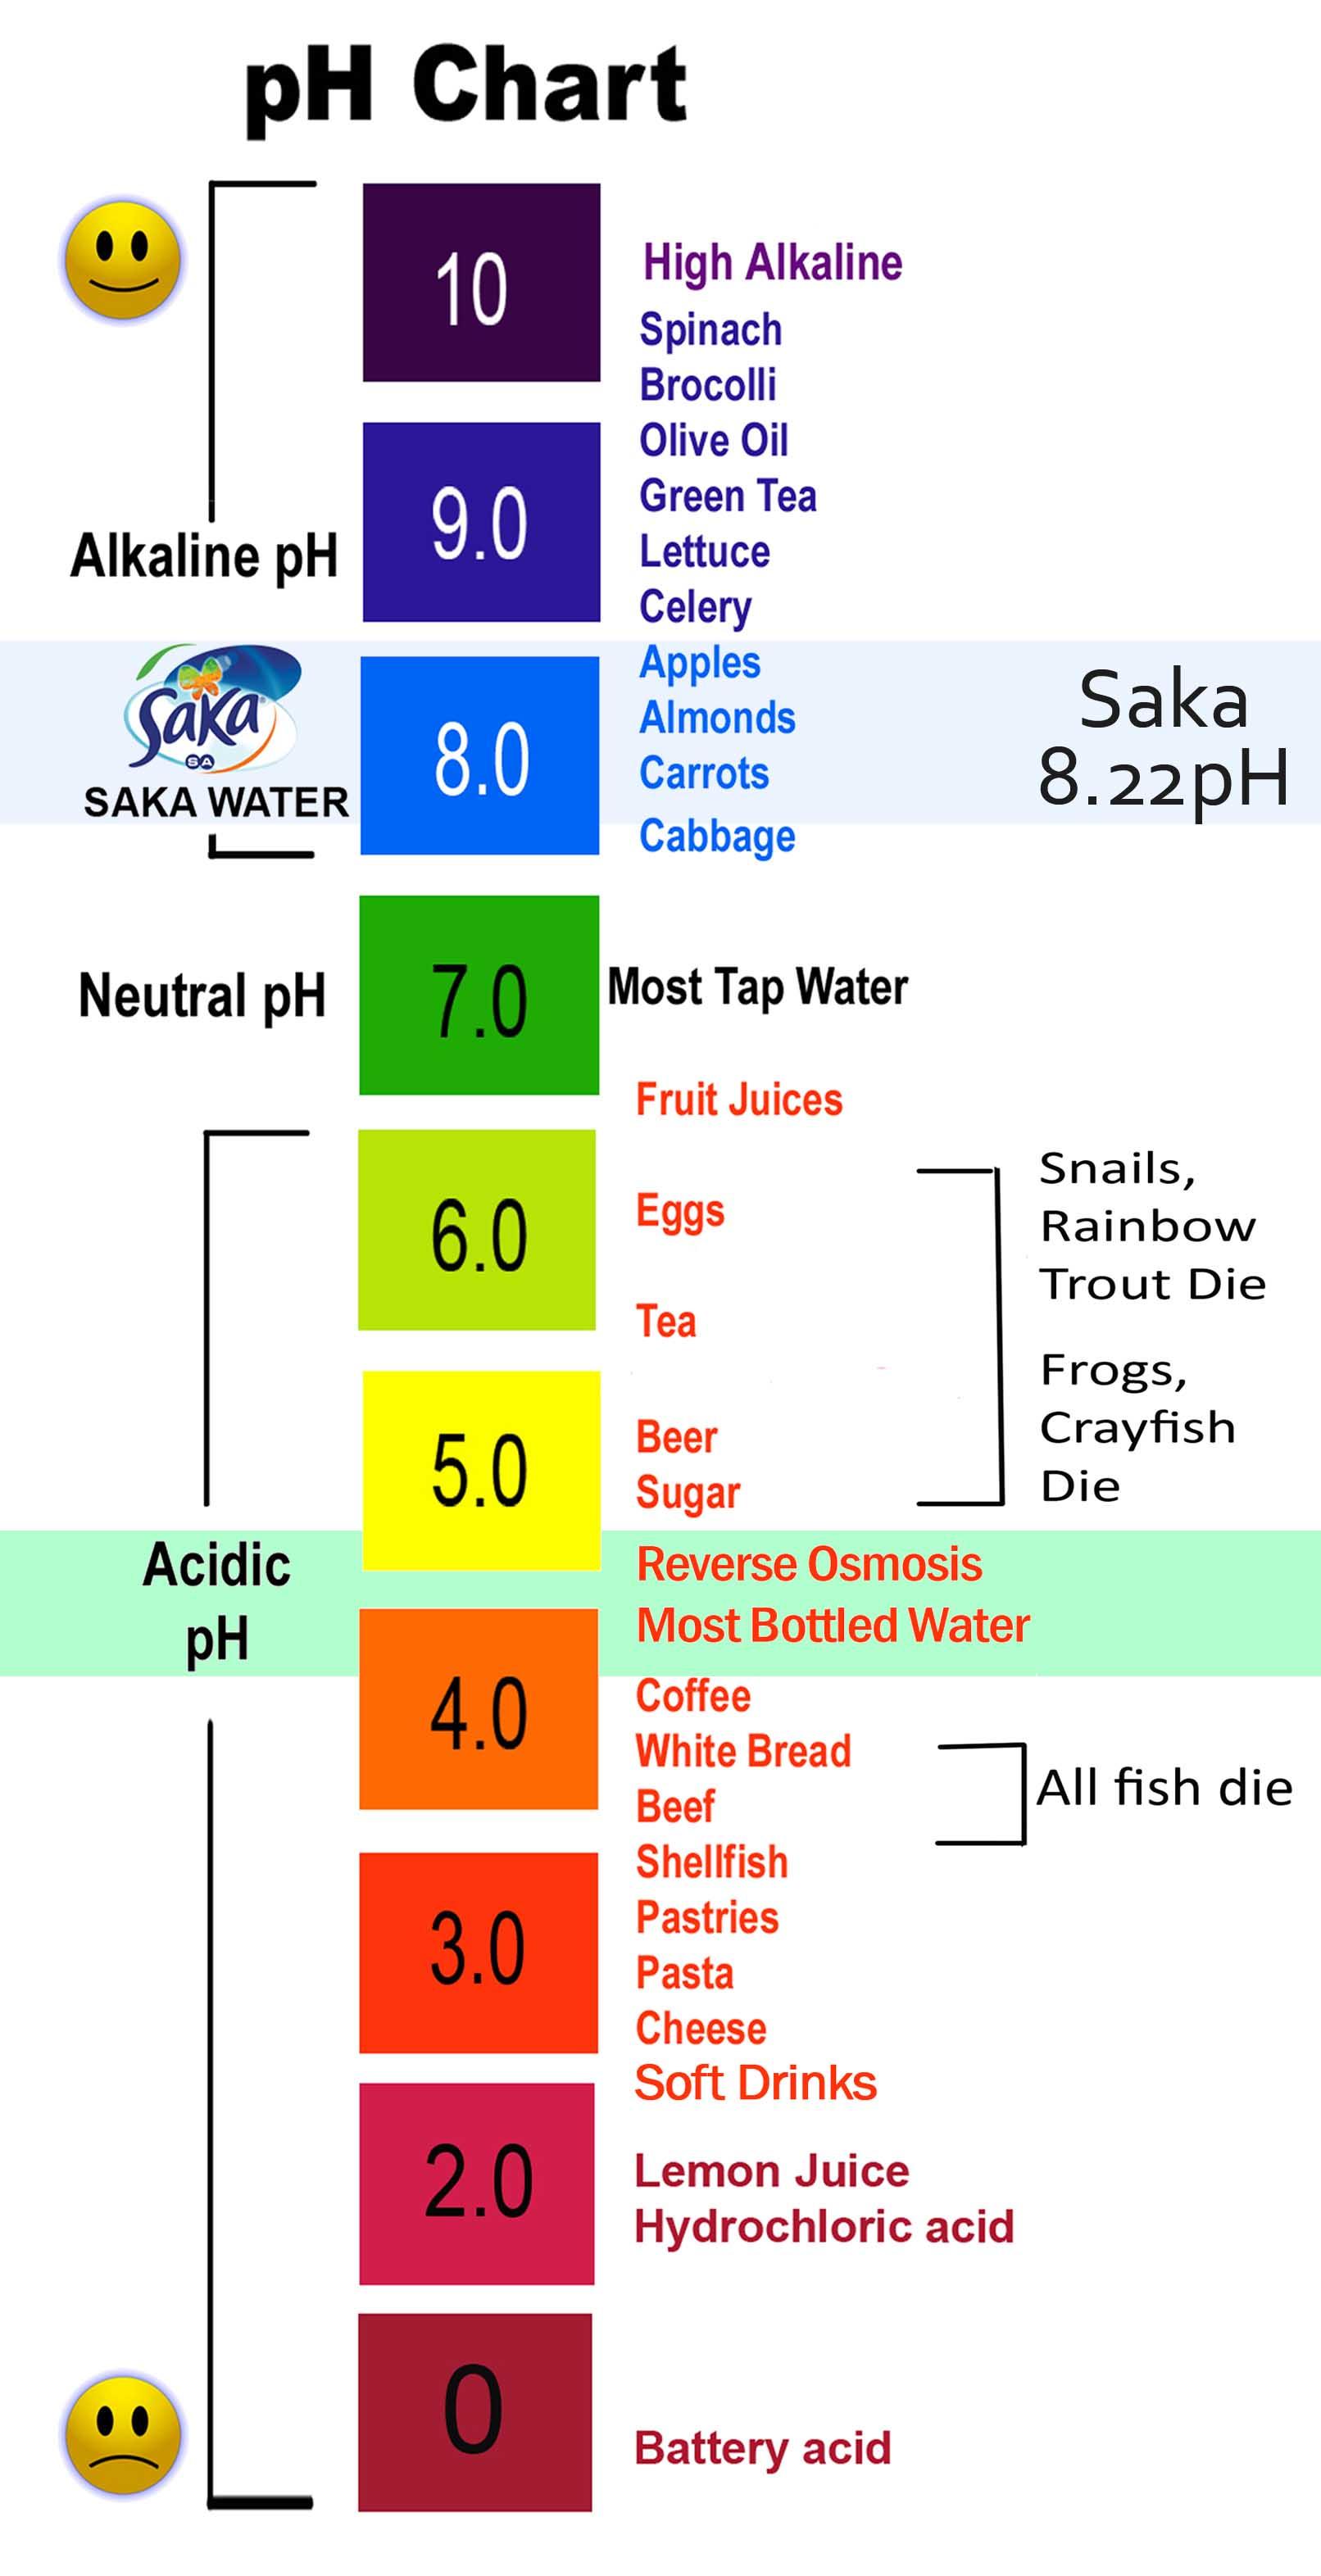 Tuy nhiên, khi ta ăn các thức ăn có tính axit quá nhiều thì cơ thể và máu  có tính axit khiến độ PH của cơ thể giảm xuống.